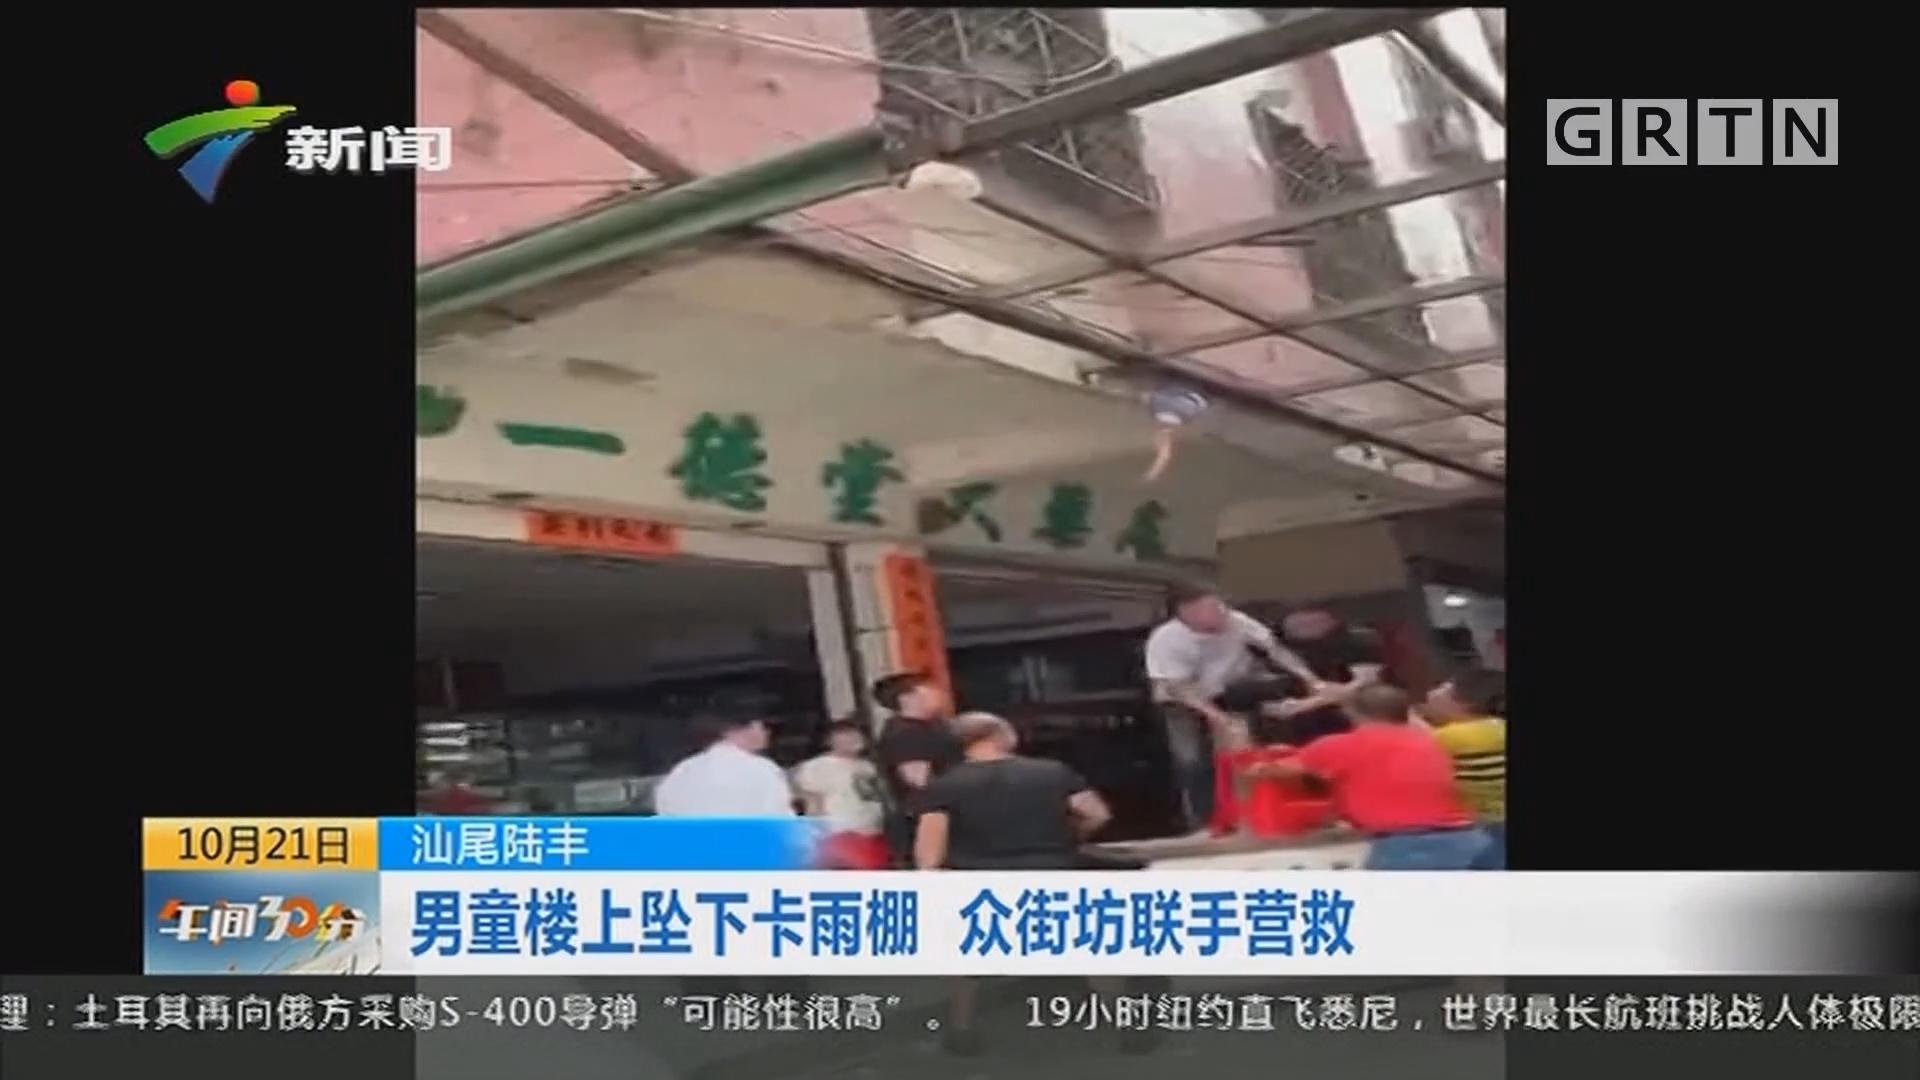 汕尾陆丰:男童楼上坠下卡雨棚 众街坊联手营救